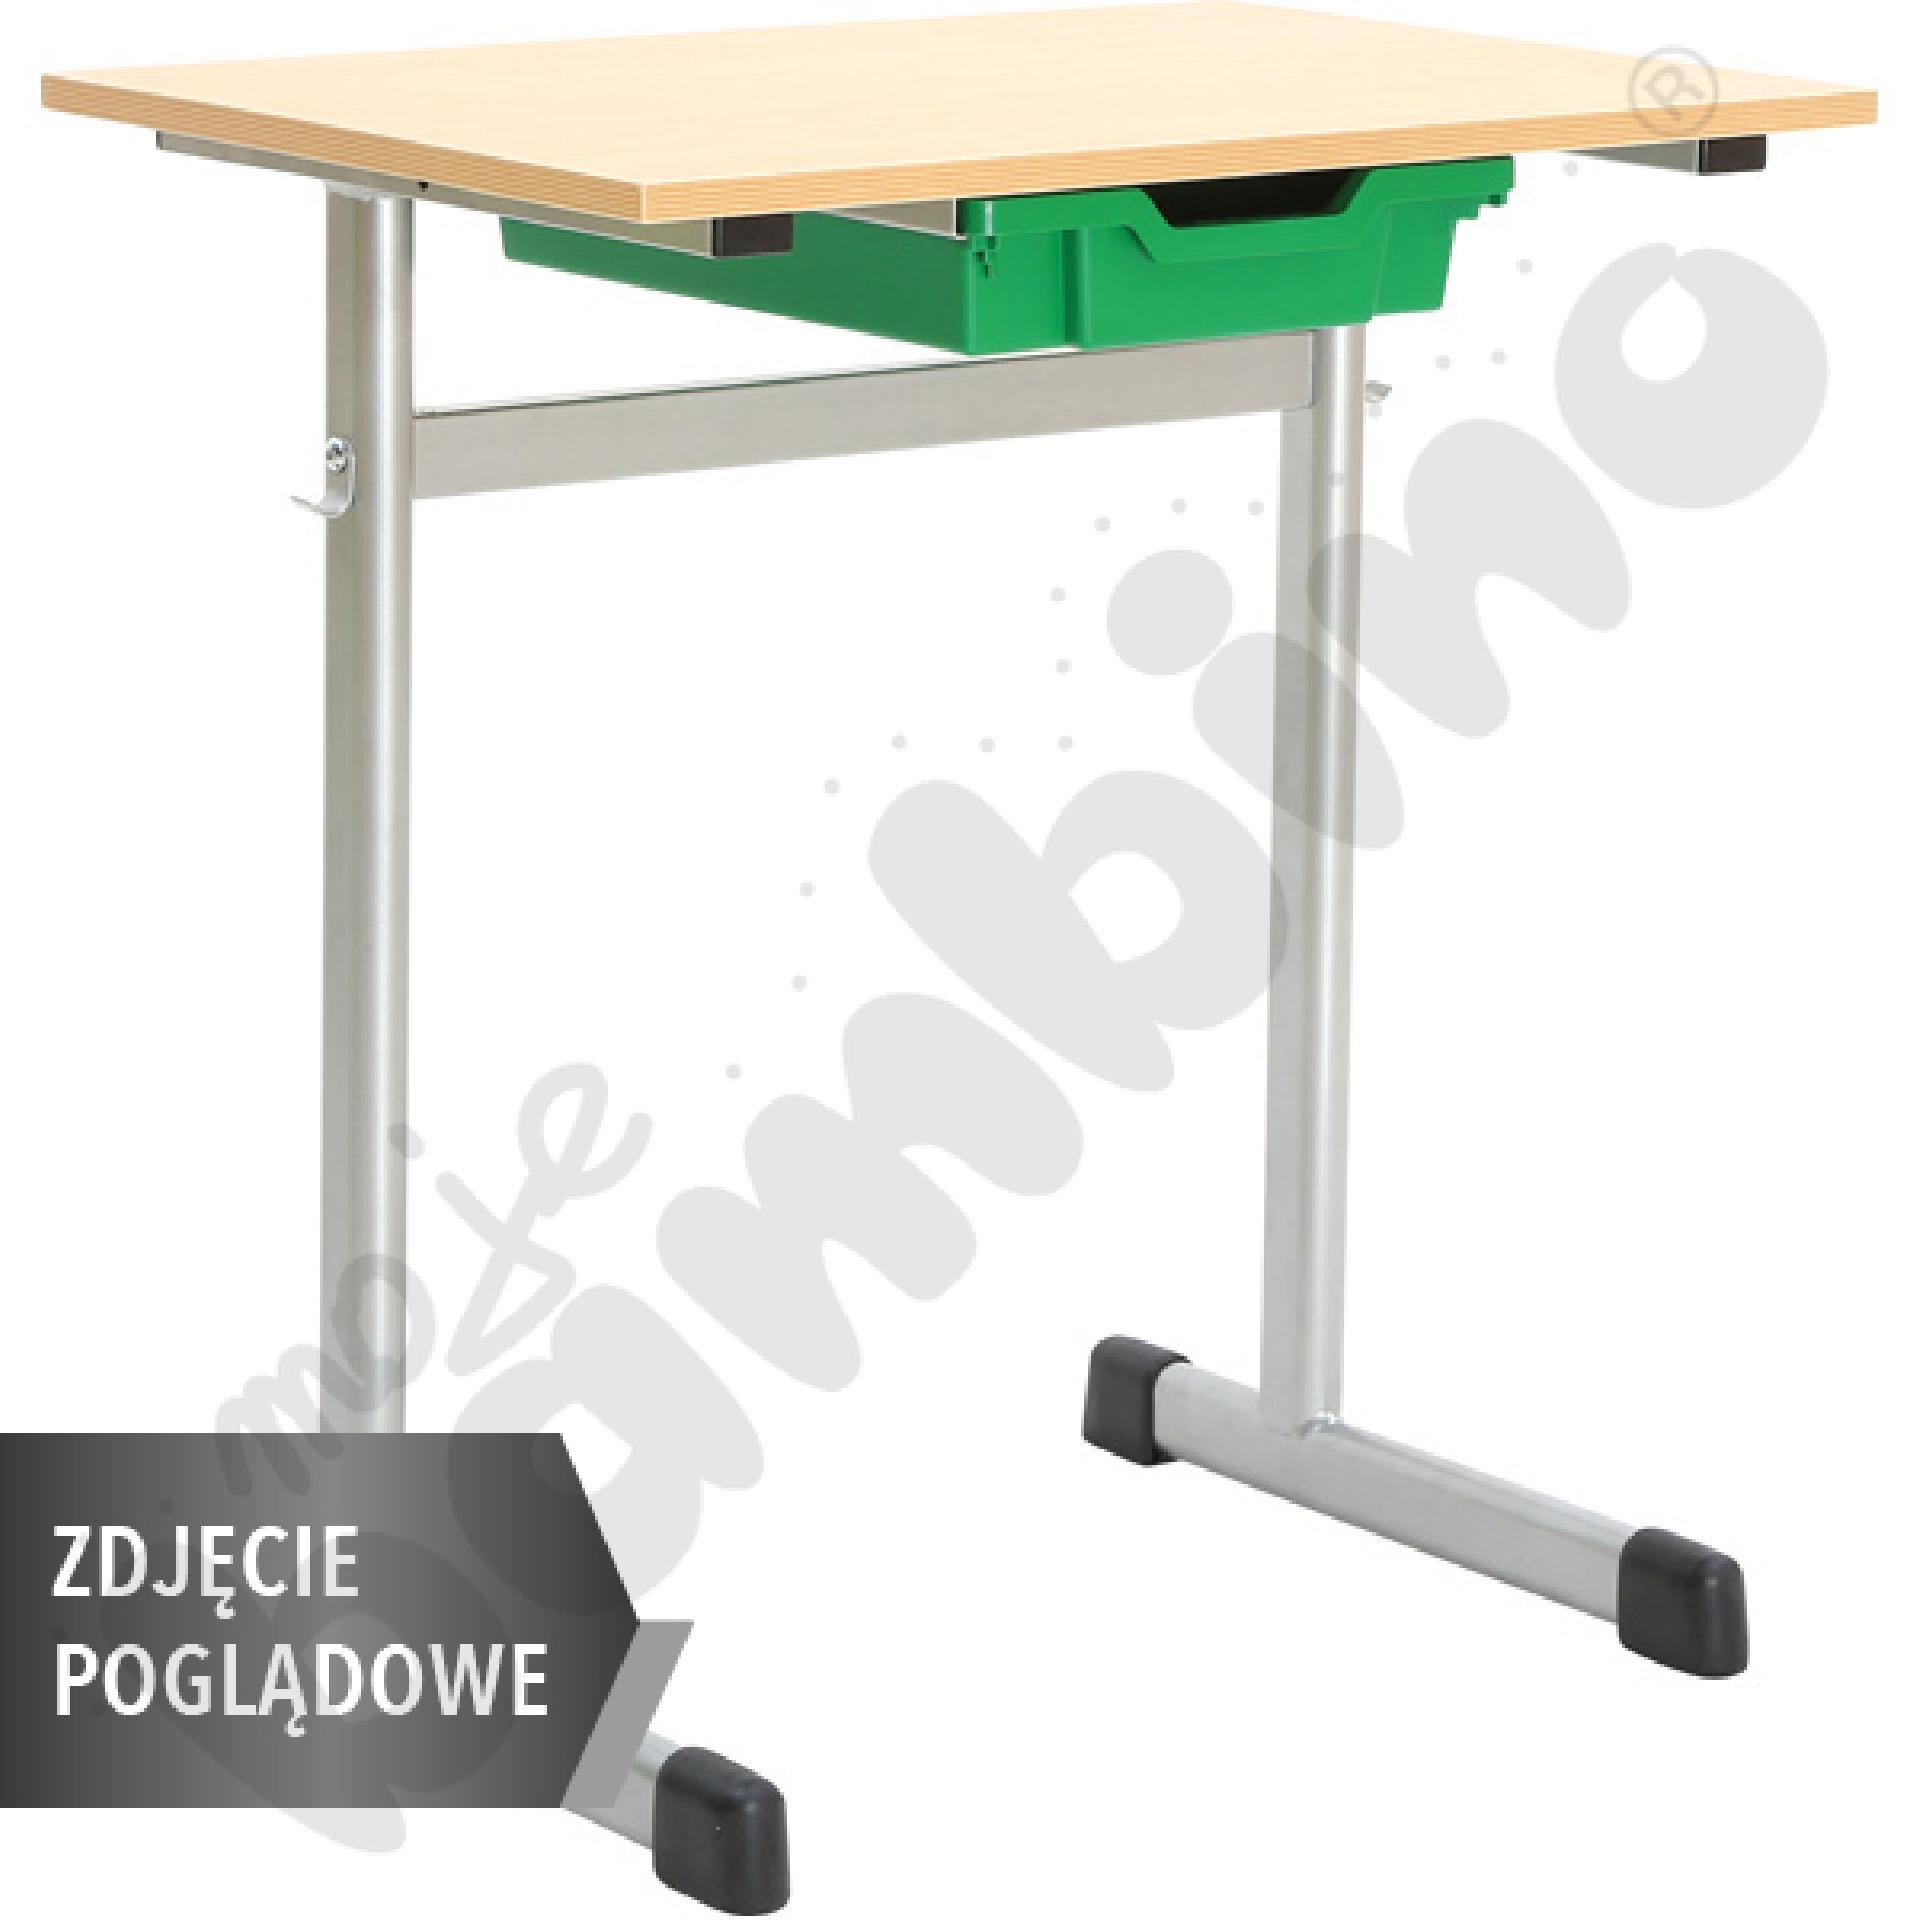 Stół G 70x55 rozm. 4, 1os., stelaż aluminium, blat biały, obrzeże ABS, narożniki zaokrąglone